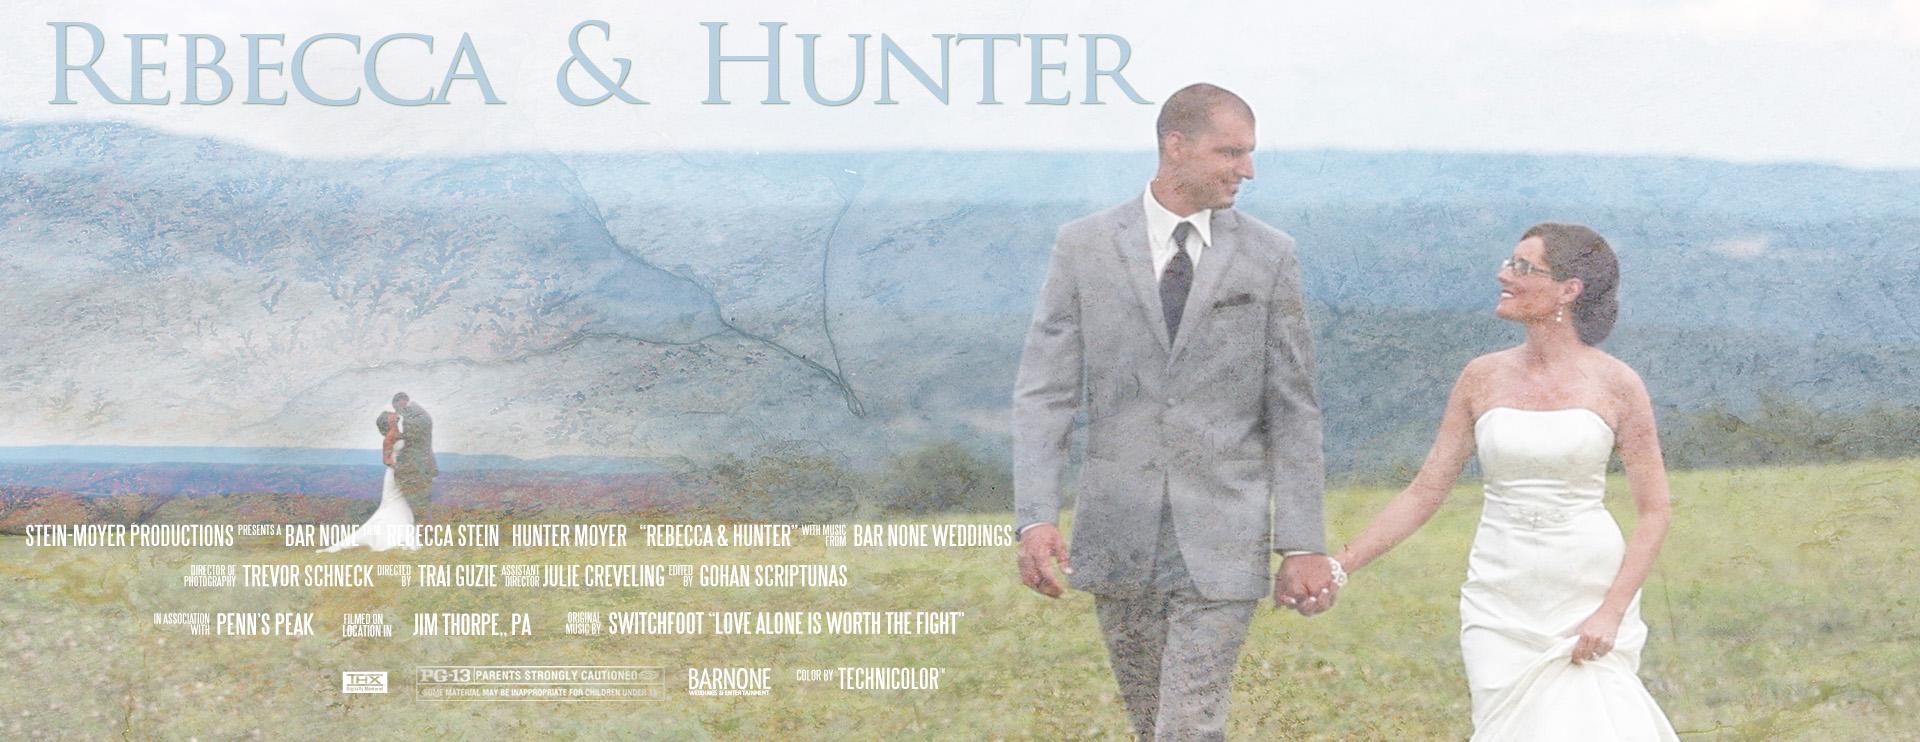 Penn's Peak Wedding Highlight Film - Movie Poster - Rebecca & Hunter